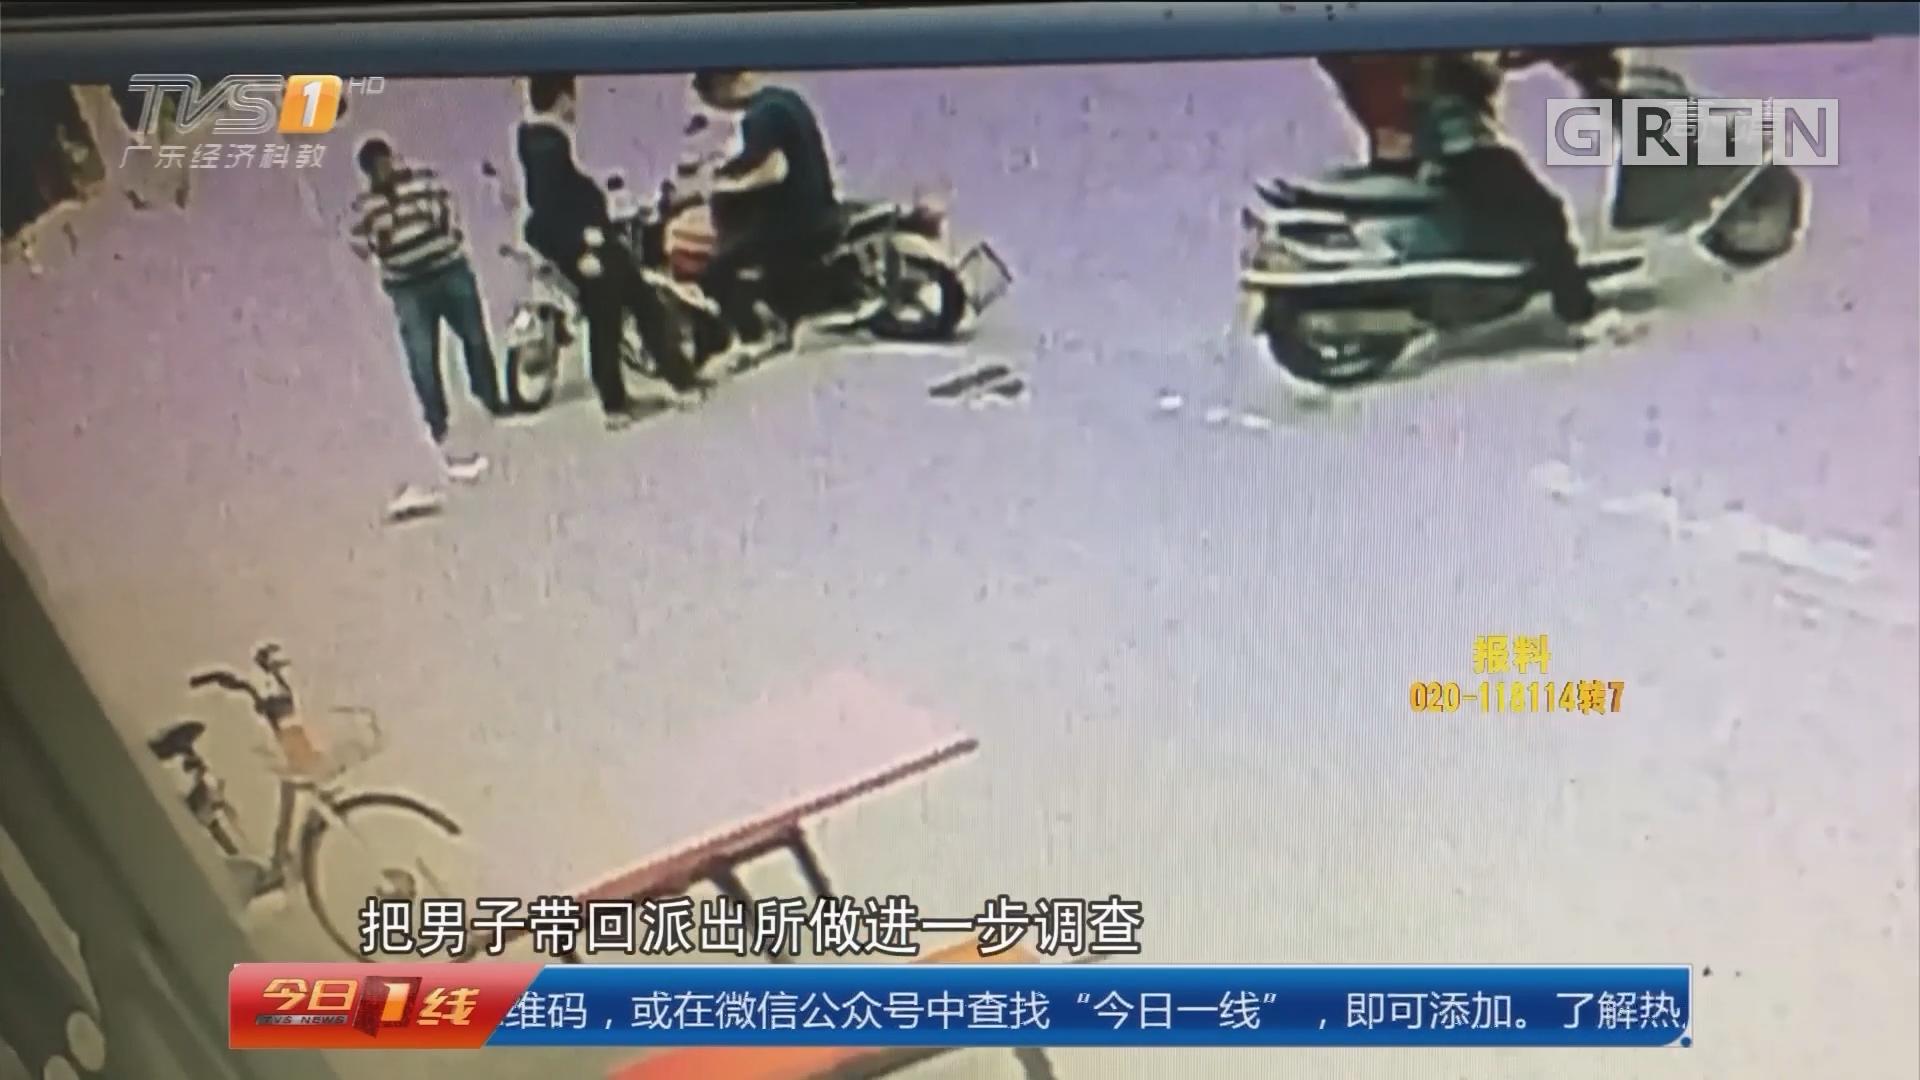 惠州博罗:街头被查心有鬼 送十万现金求放过?